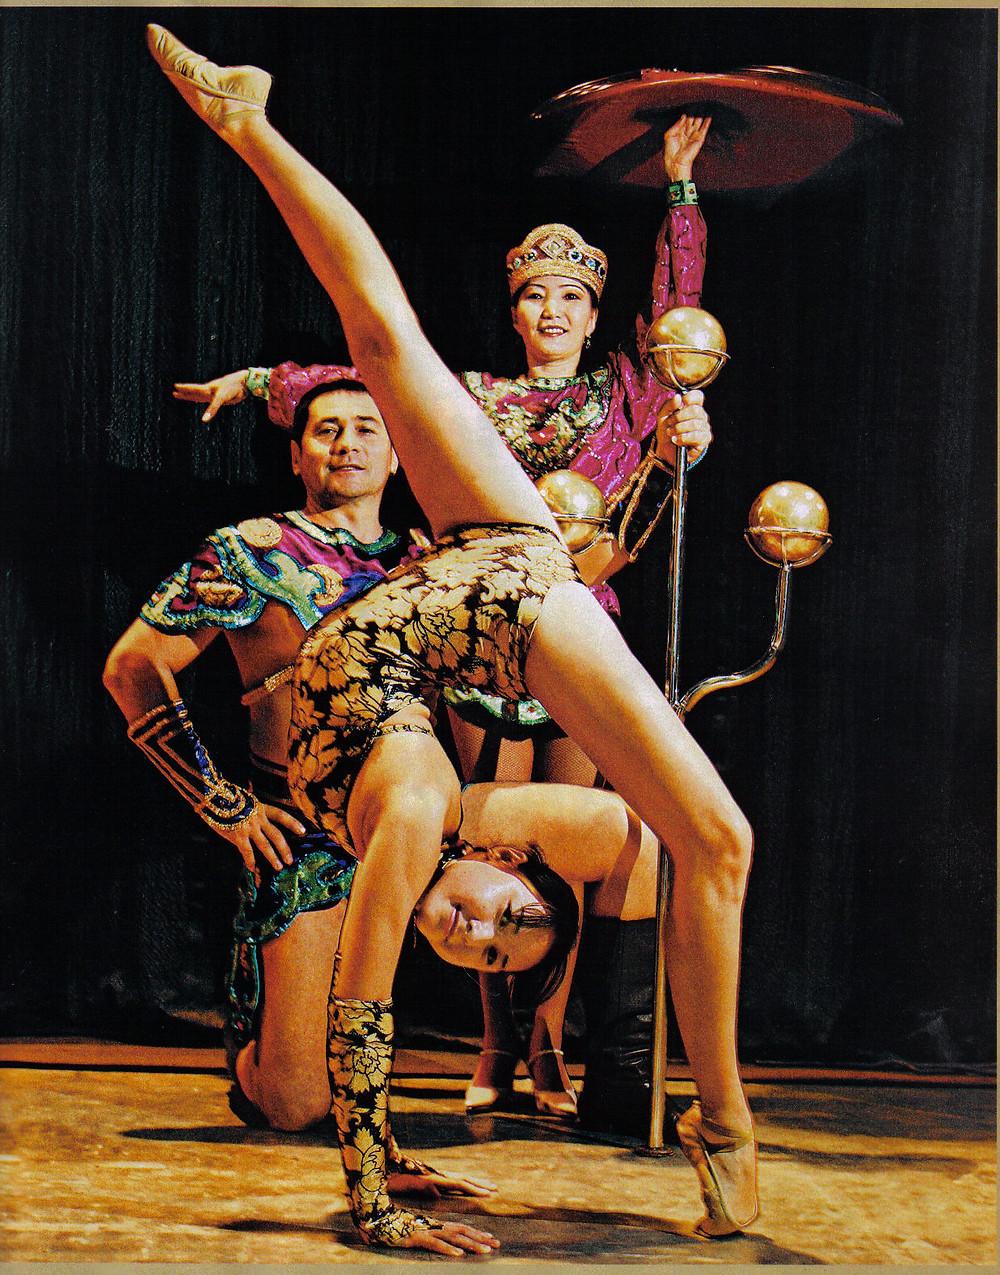 Aruna e seus pais durante uma apresentação no Circo Beto Carrero